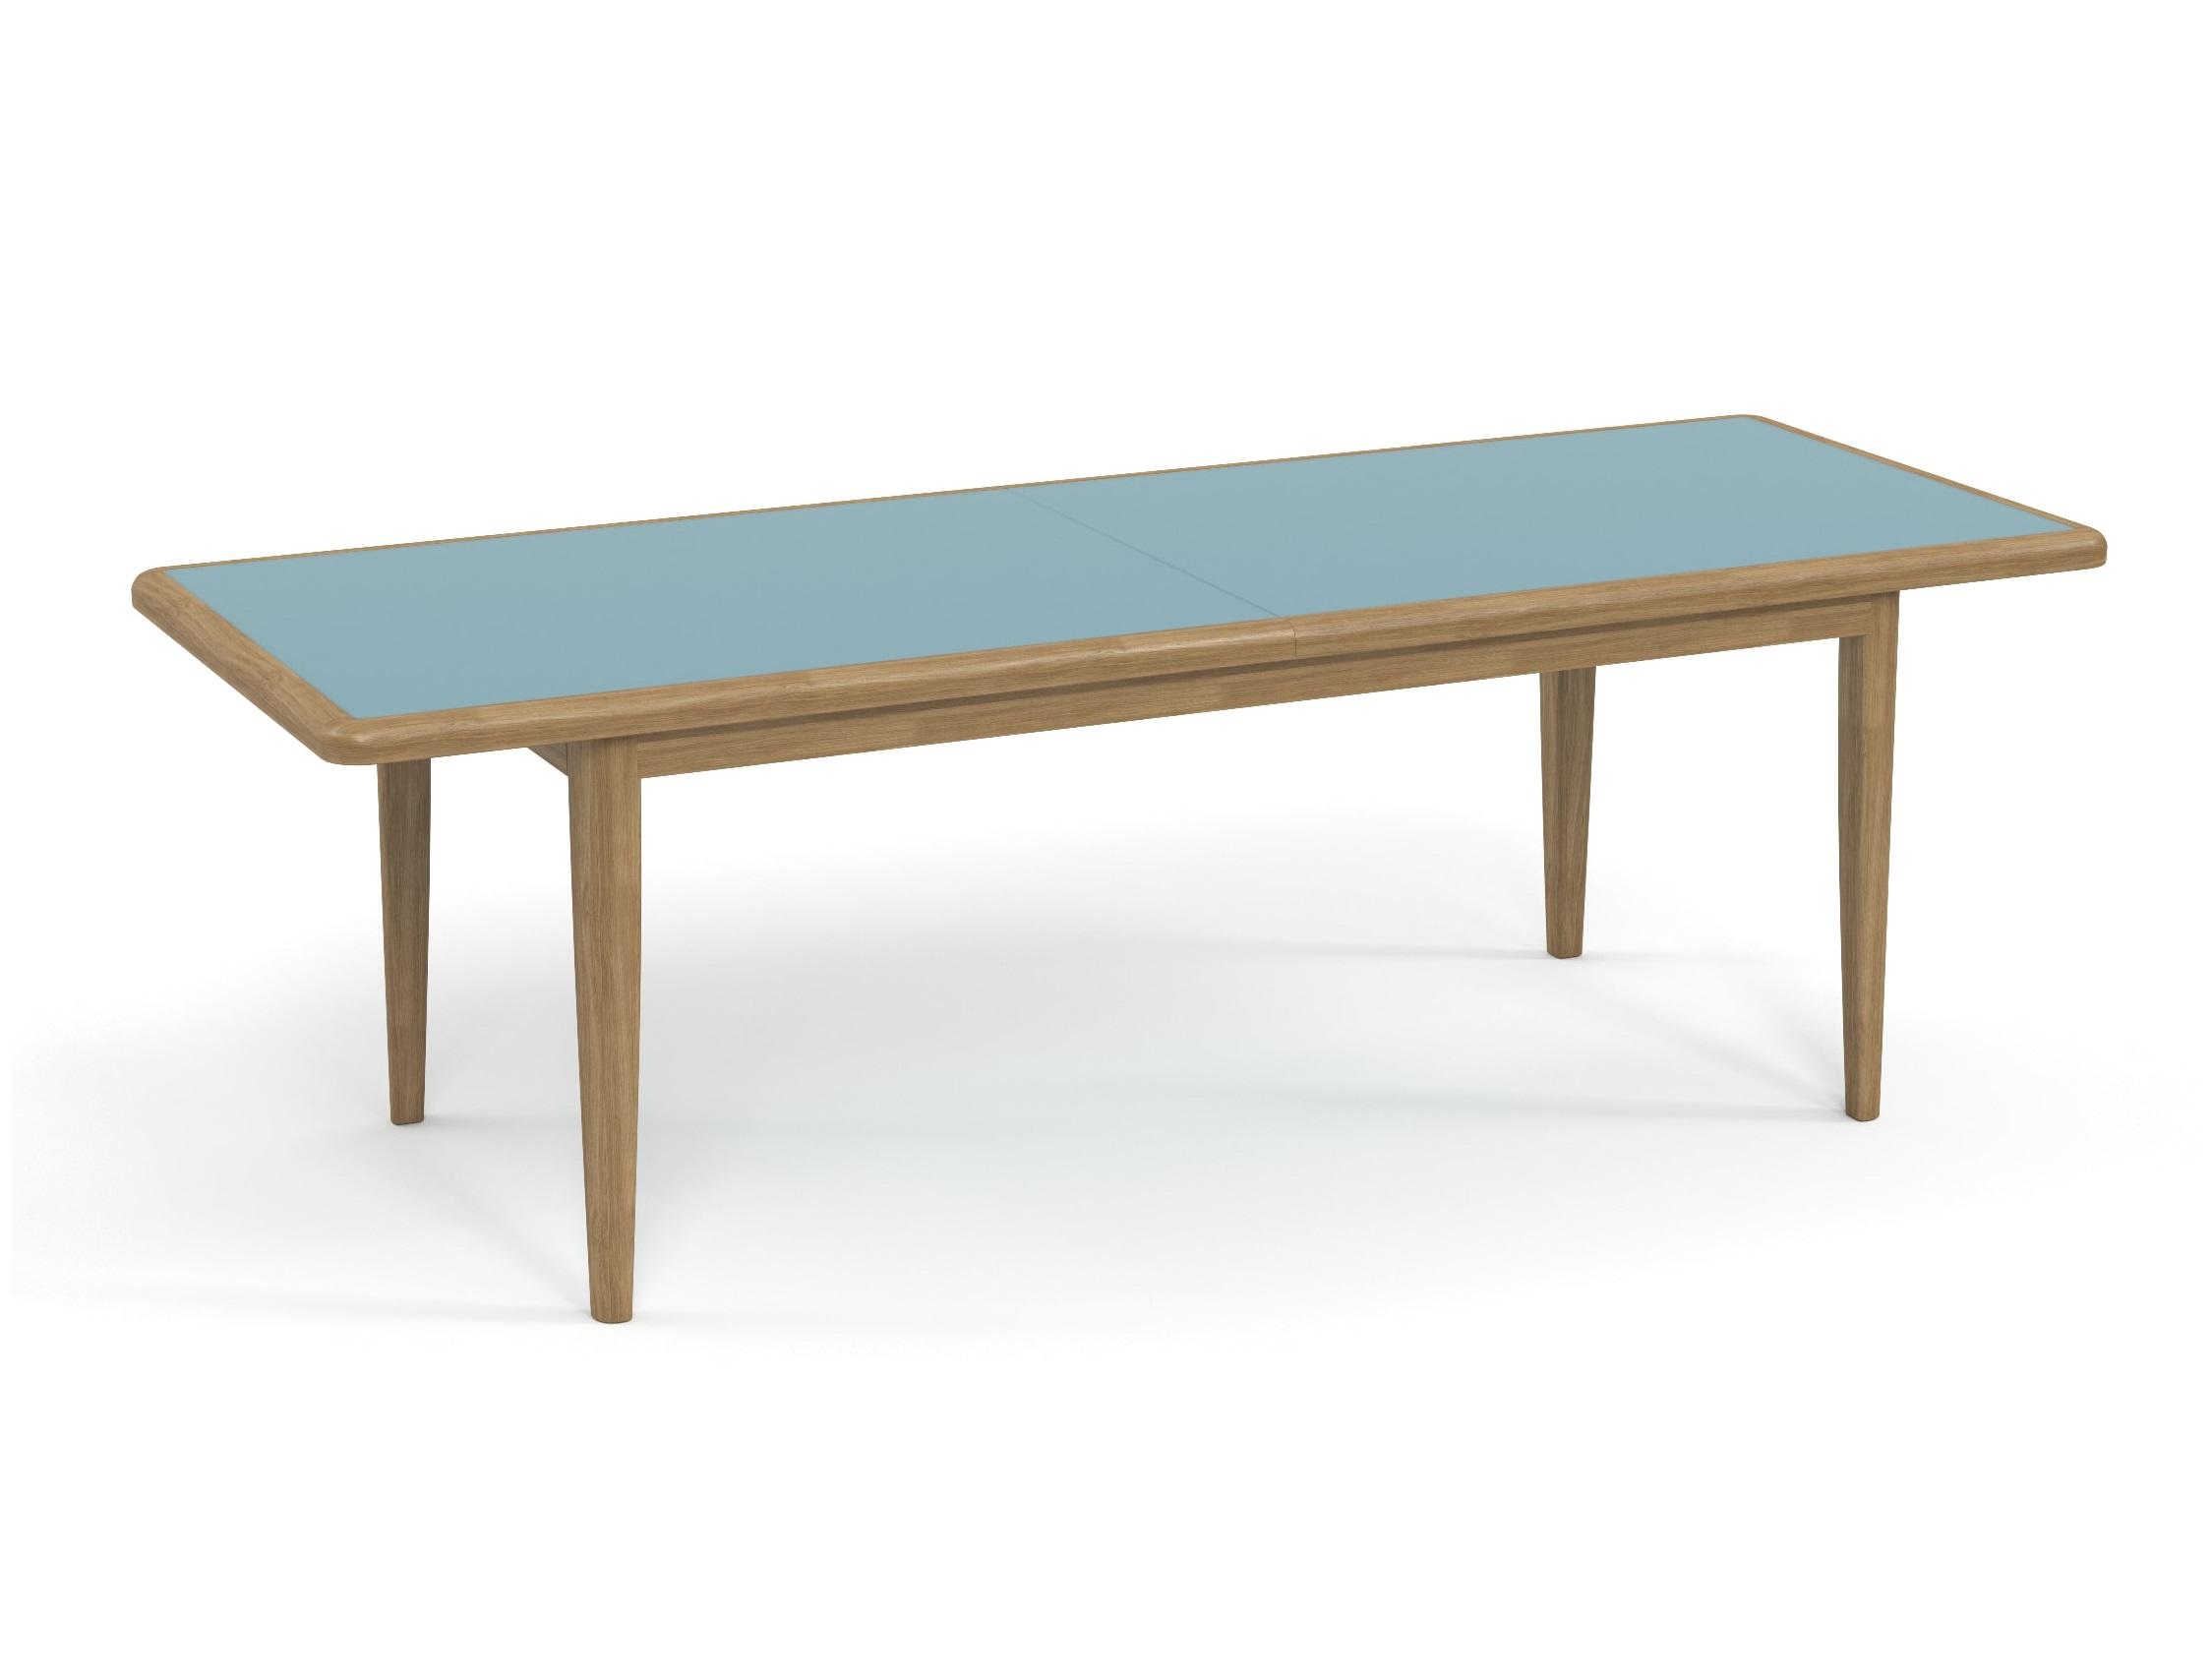 Стол обеденный SeagullОбеденные столы<br><br><br>Material: Дерево<br>Ширина см: 220<br>Высота см: 77<br>Глубина см: 90